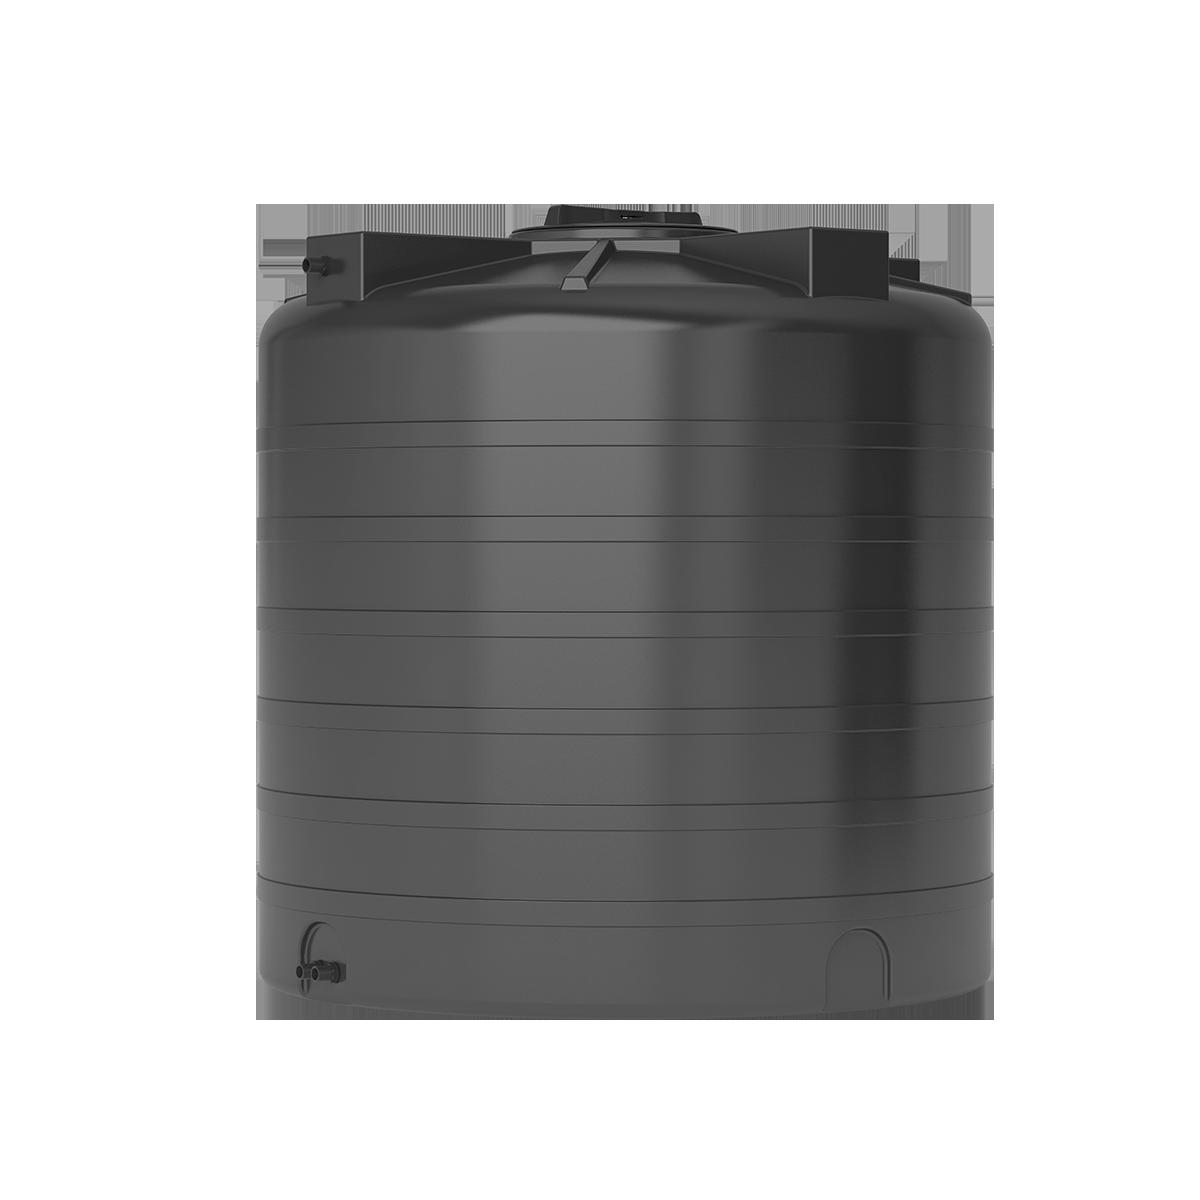 Пластиковый бак для воды Акватек ATV 1000 (черный) с поплавком